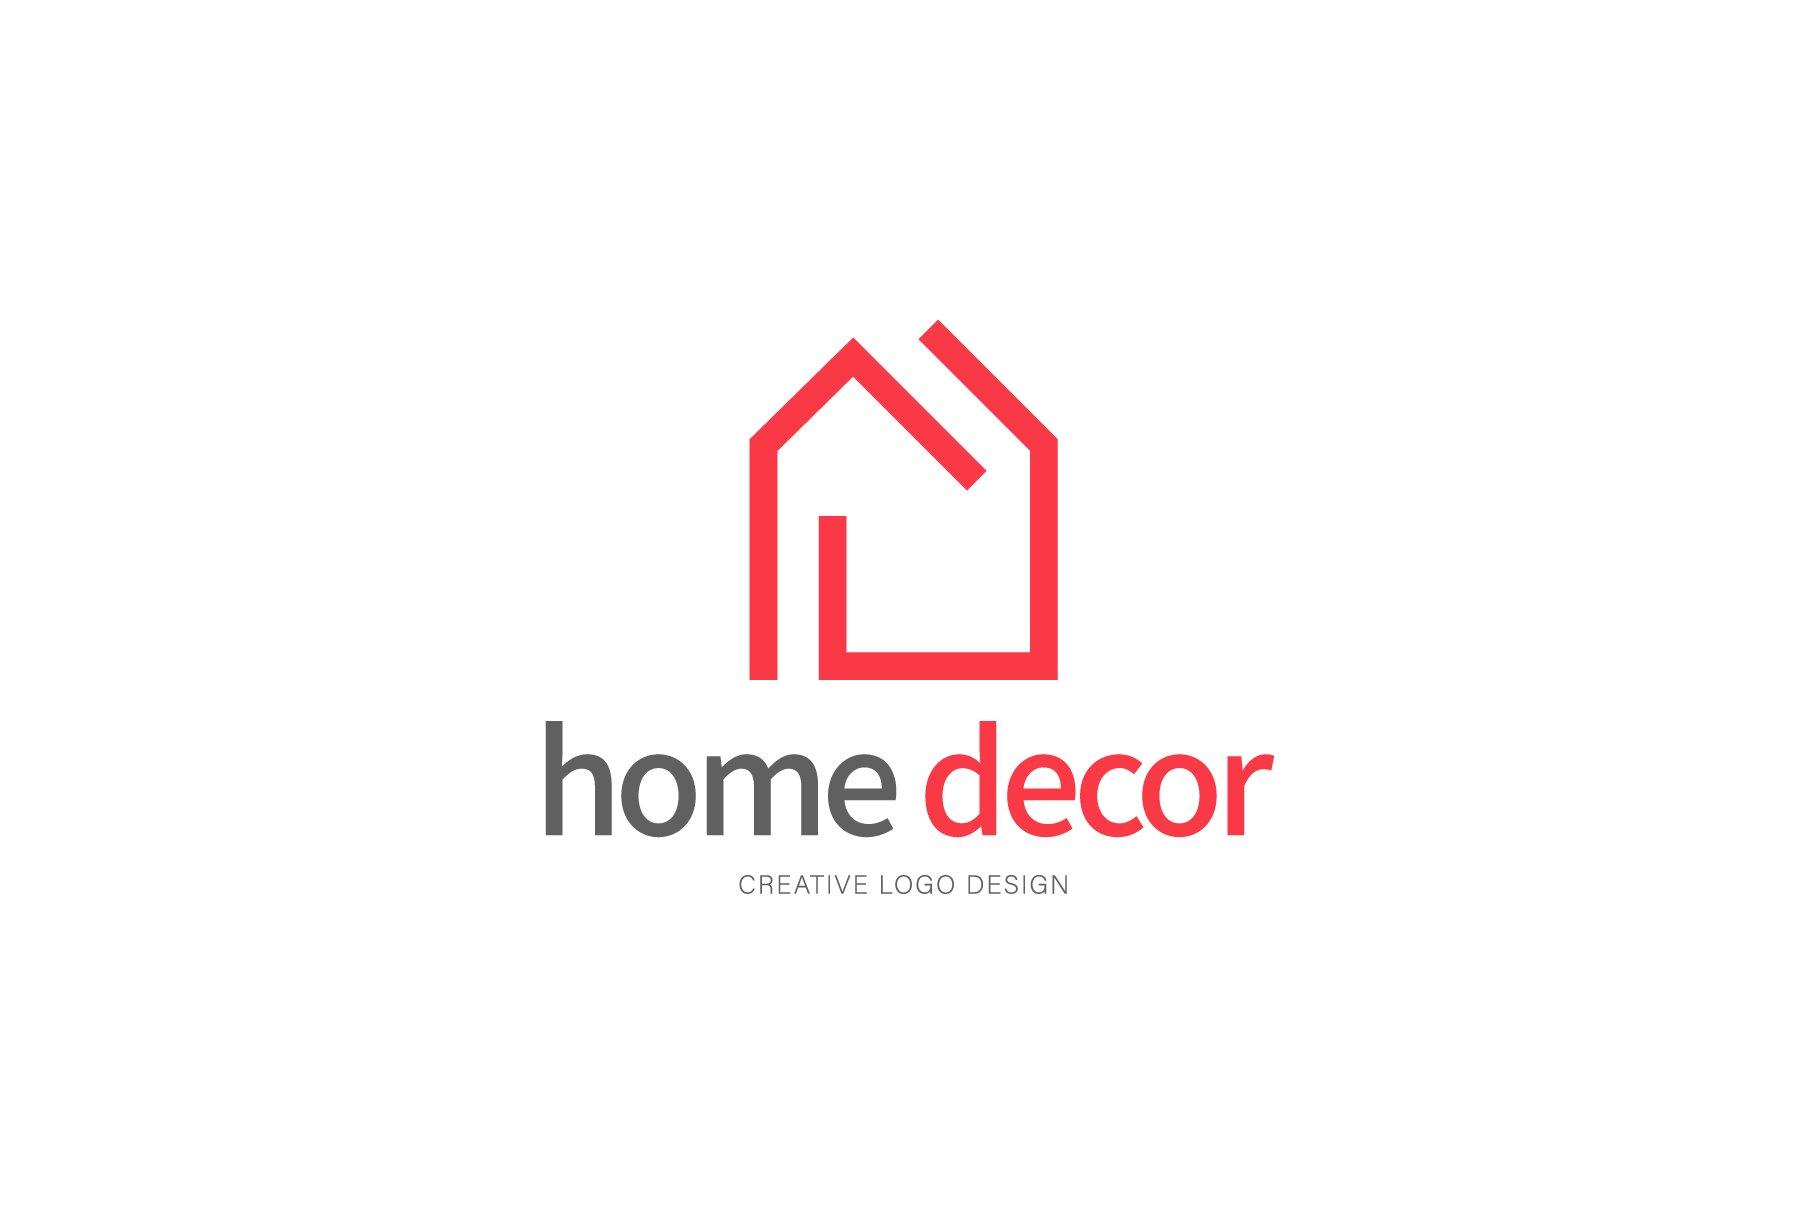 Home Decor Logos Creative Illustrator Templates Creative Market